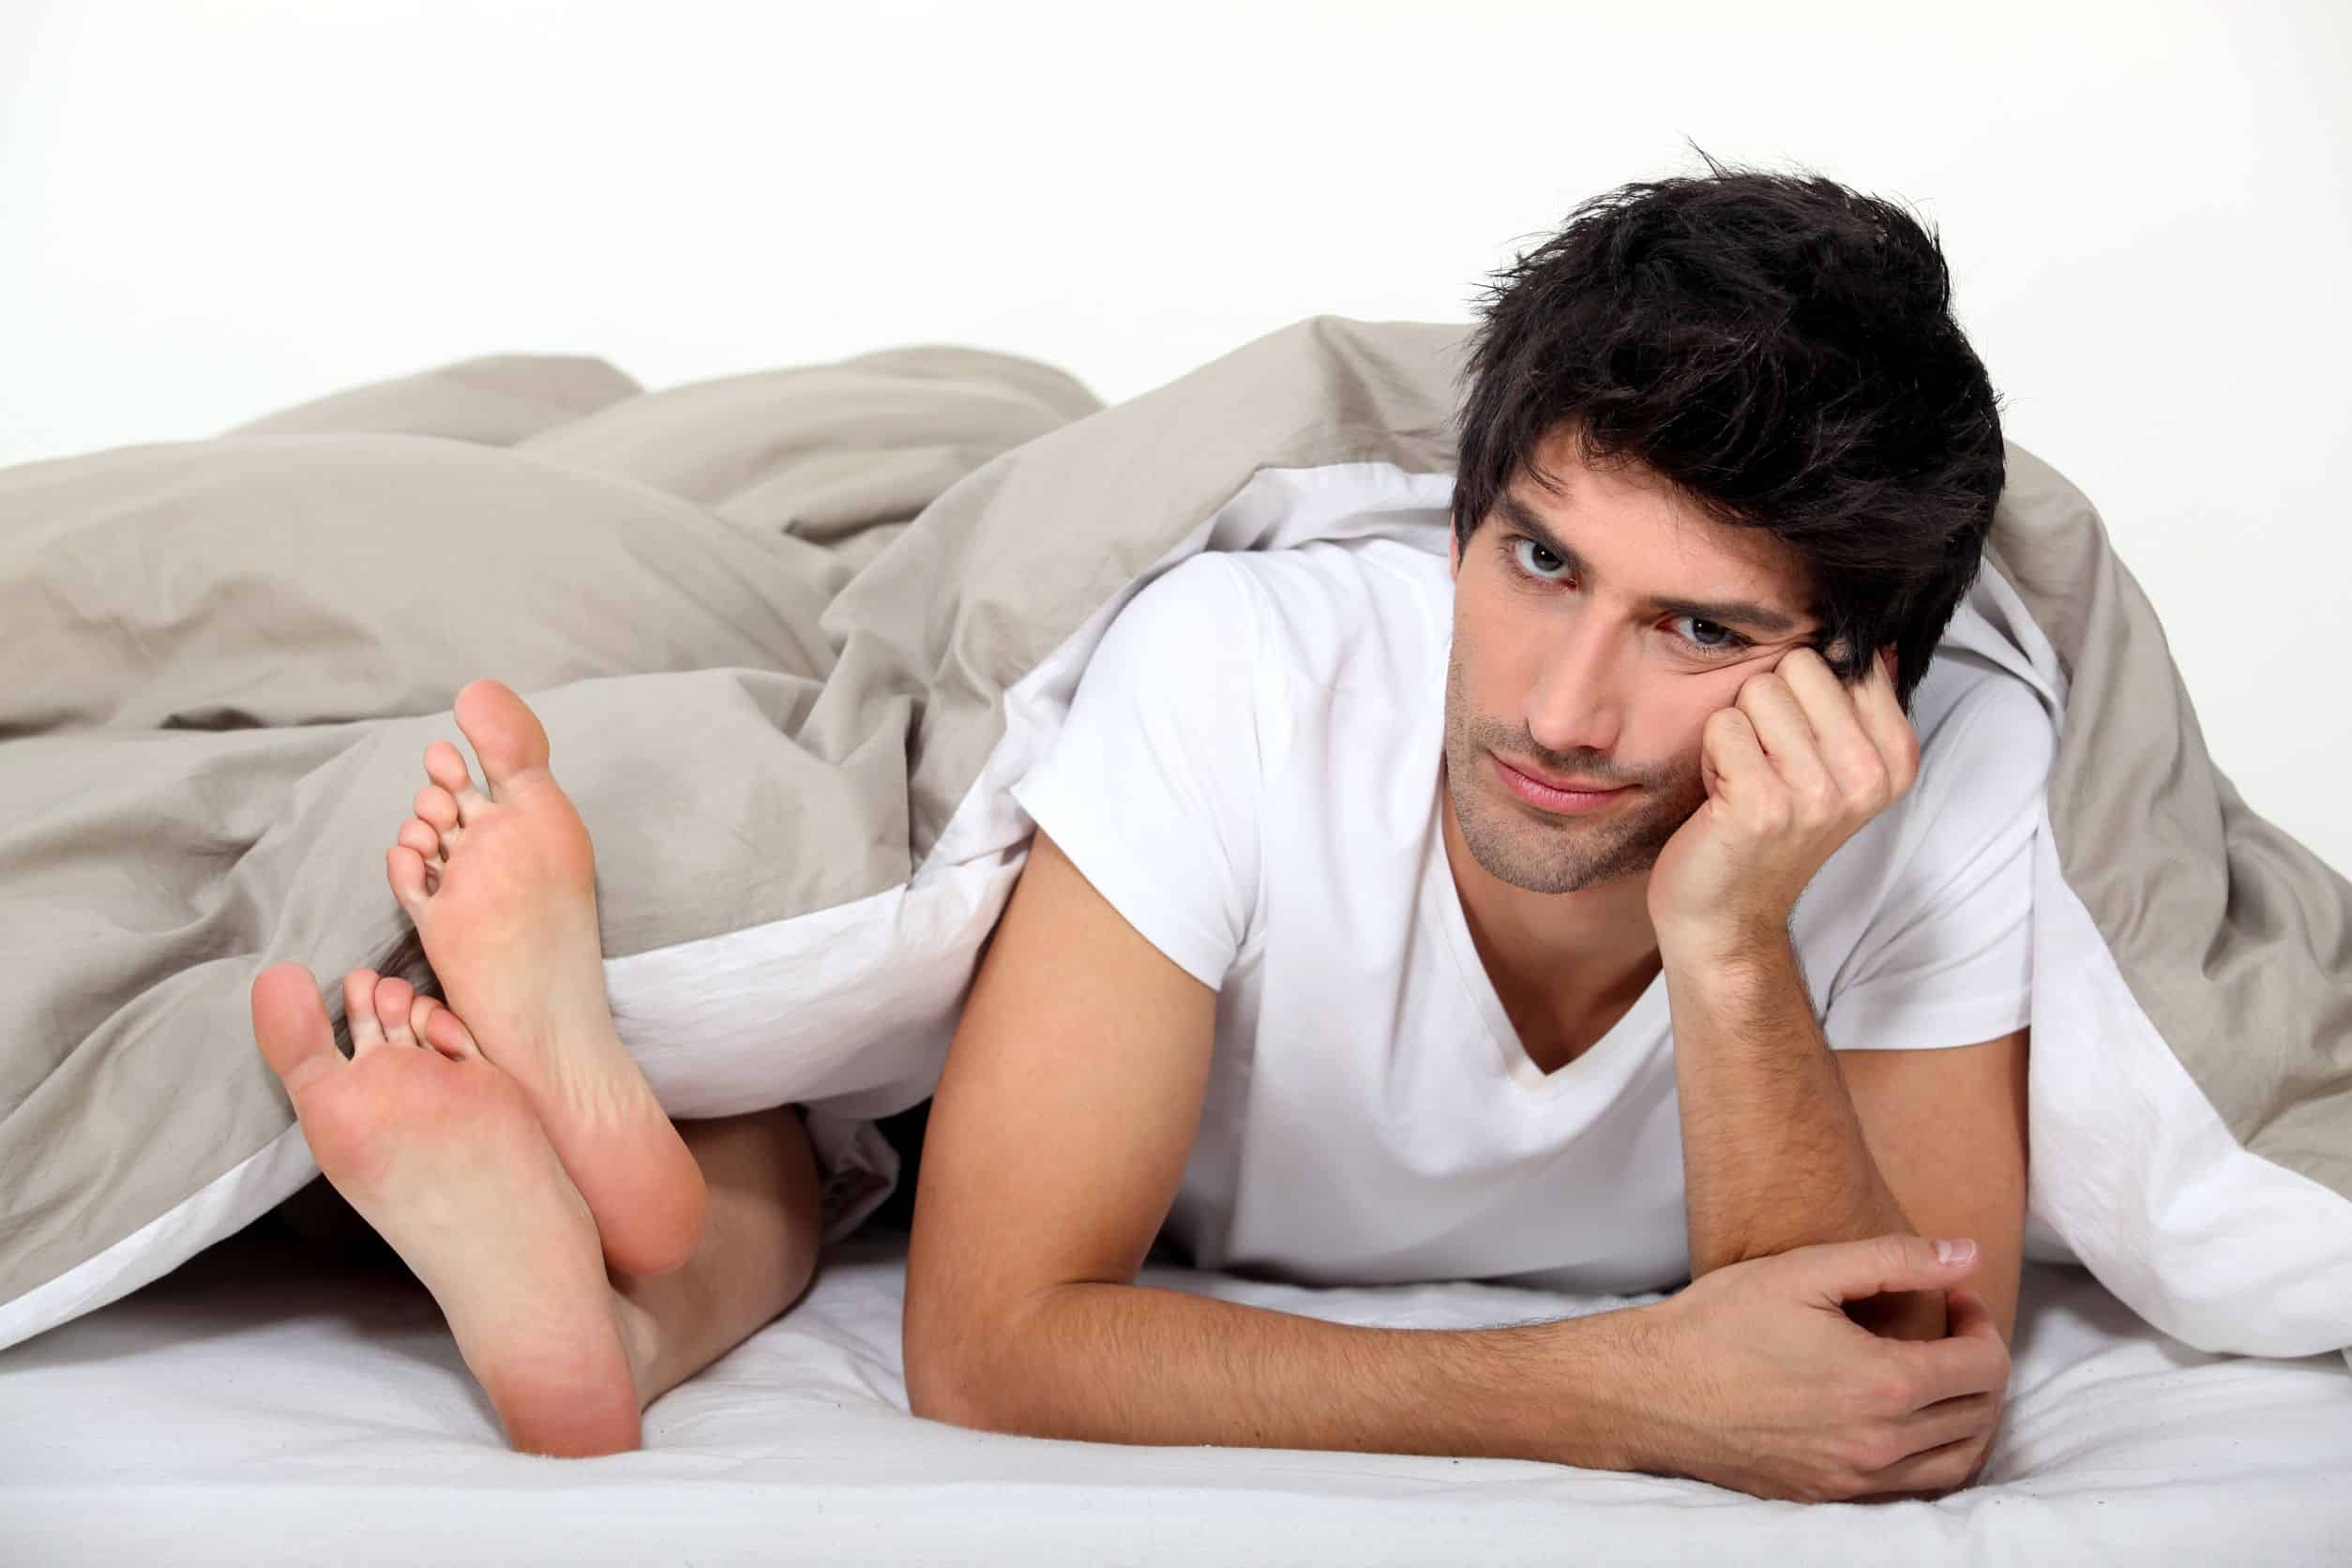 Что не должен делать в постели мужчина с женщиной 9 фотография